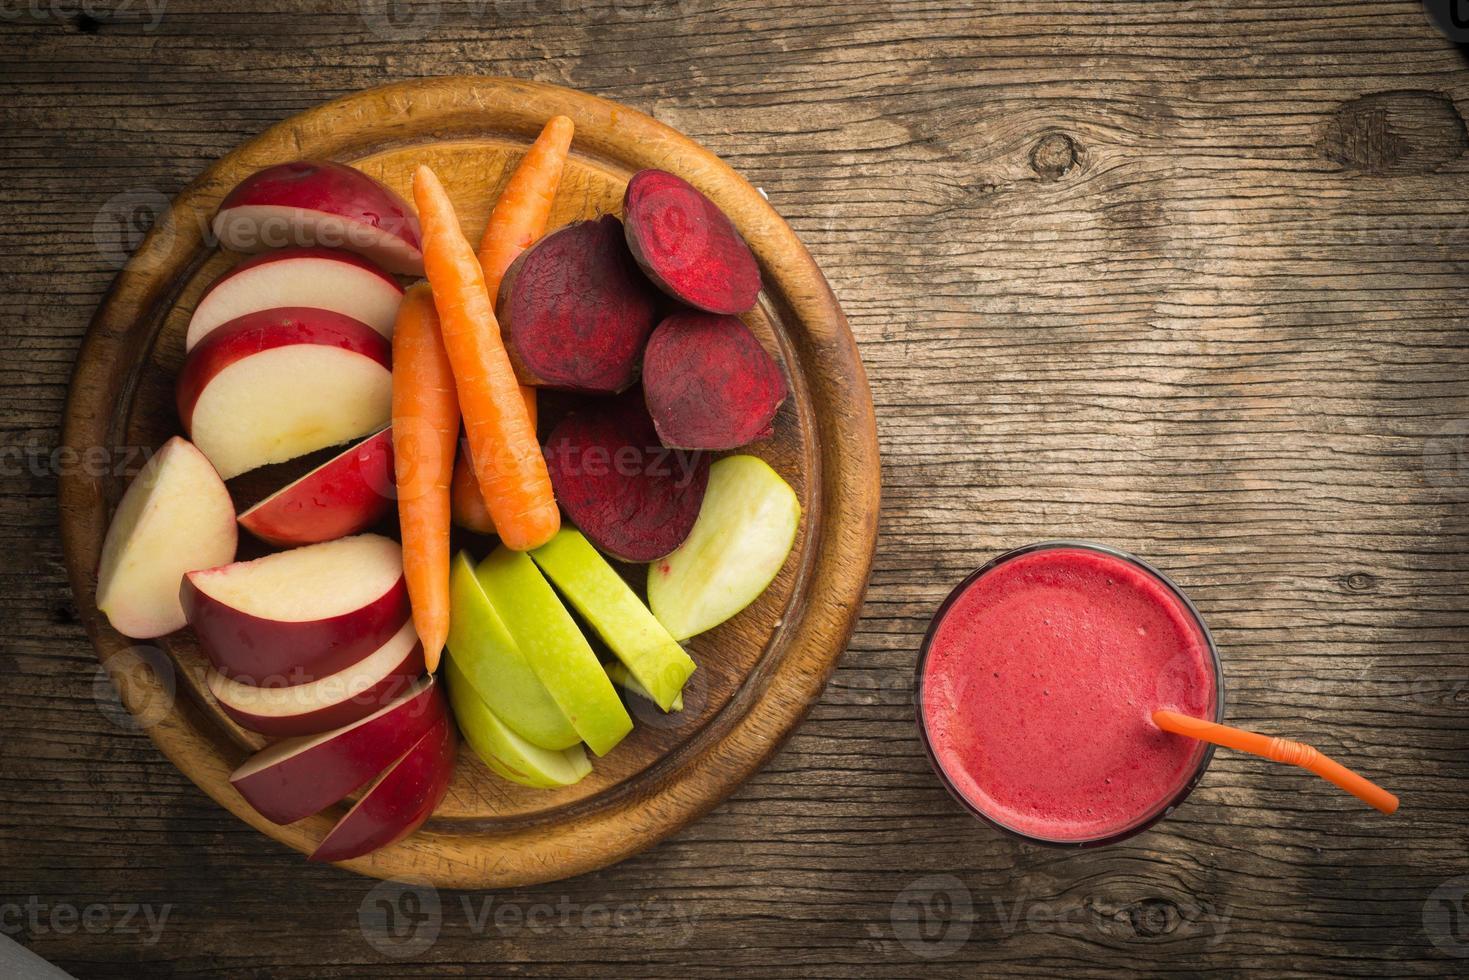 copo de suco de beterraba fresca, maçã e cenoura foto